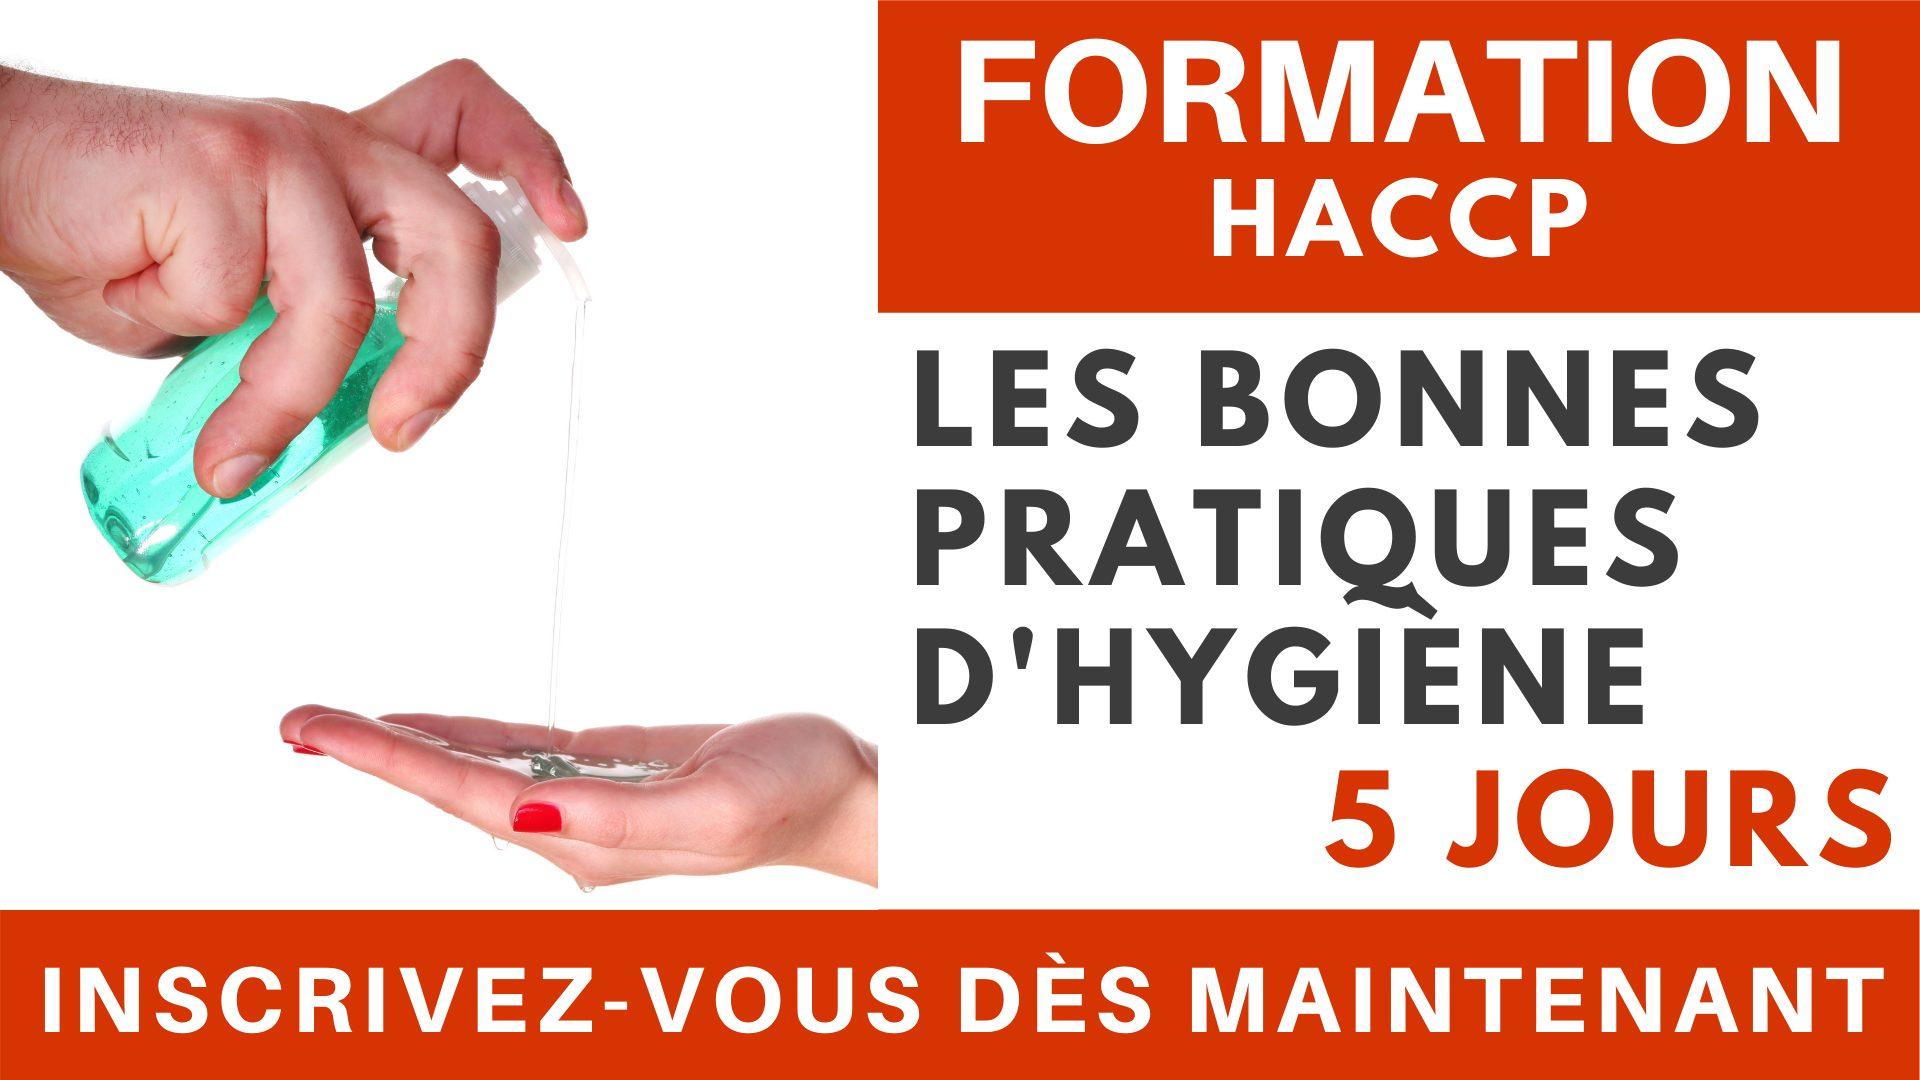 Formation HACCP - Les bonnes pratiques d'hygiène 5 jours